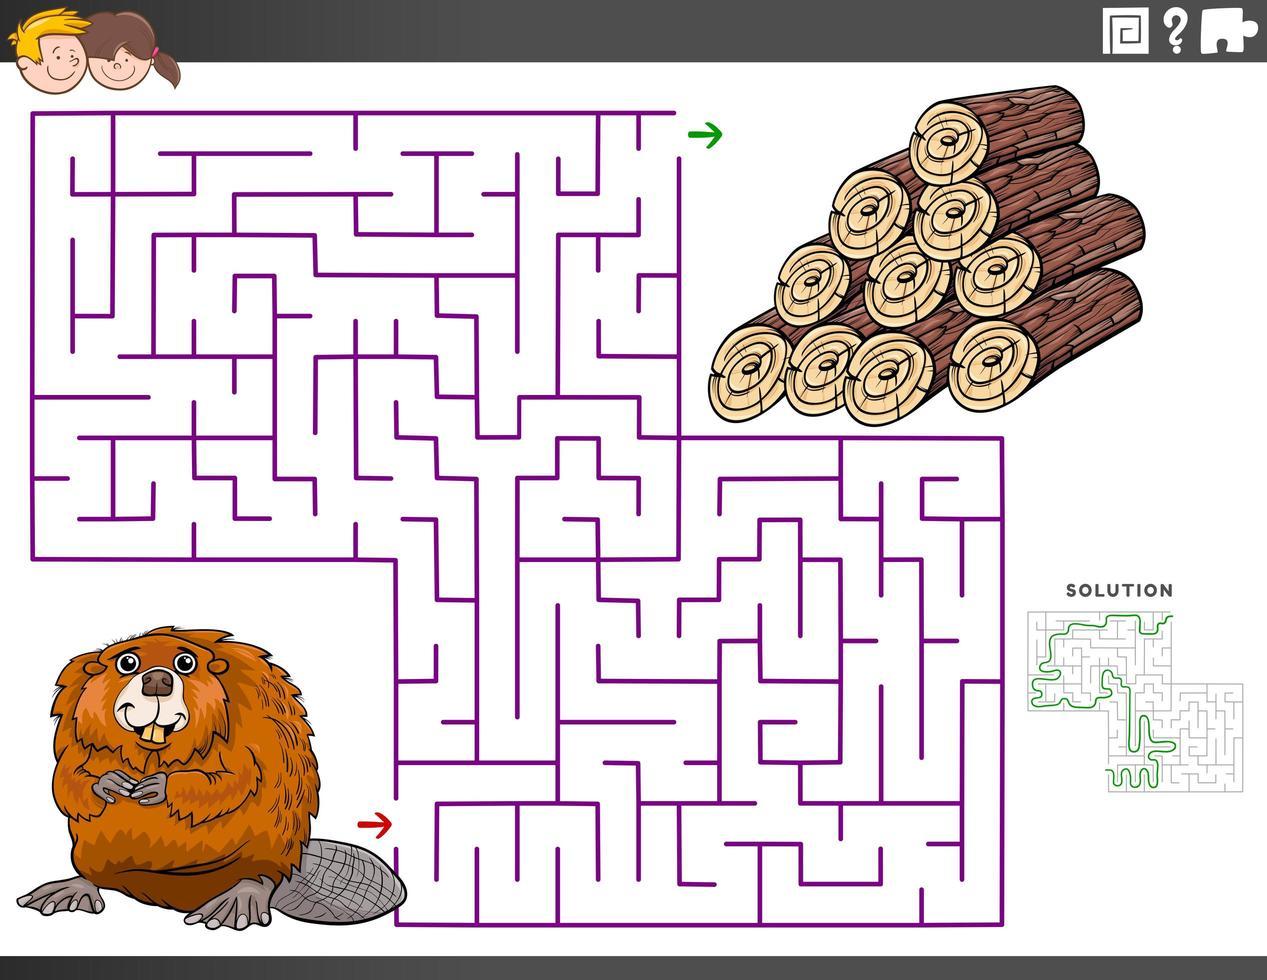 Labyrinth-Lernspiel mit Biber- und Holzstämmen vektor